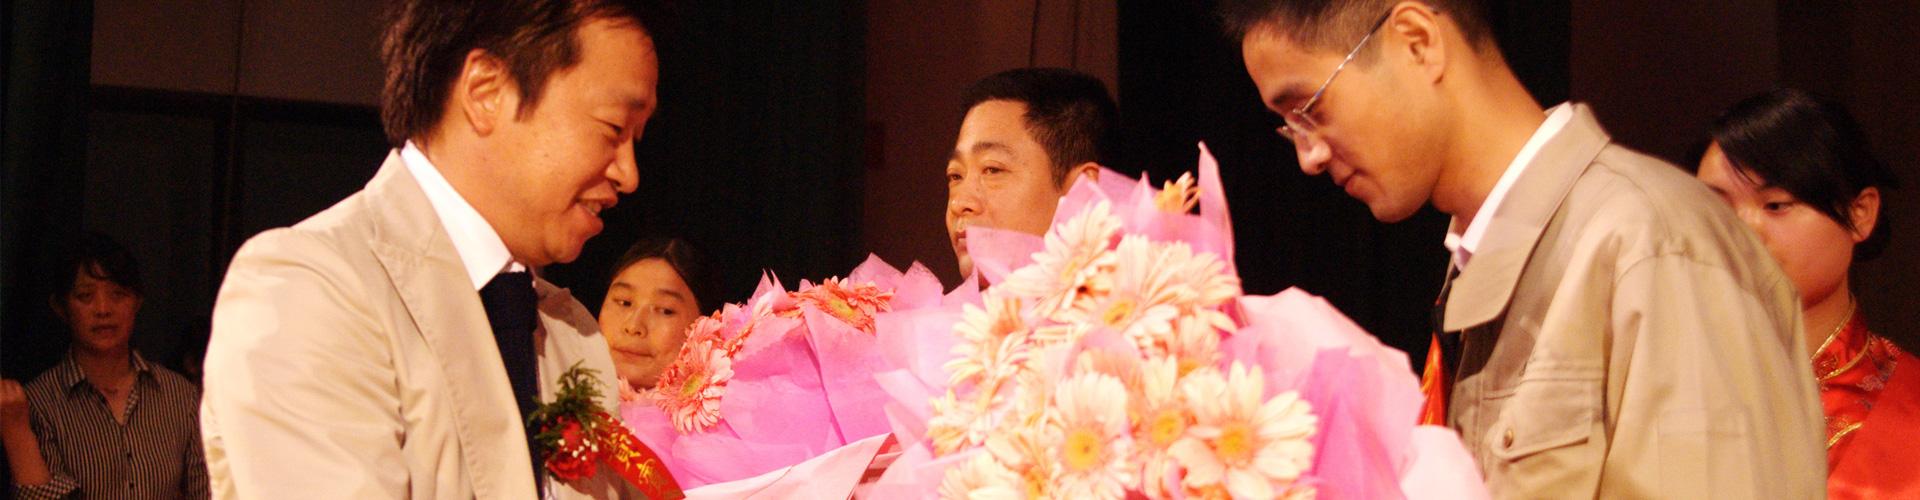 公司董事長、日本英瑞社長吳兆顯先生盛情邀請公司優秀員工赴日研修